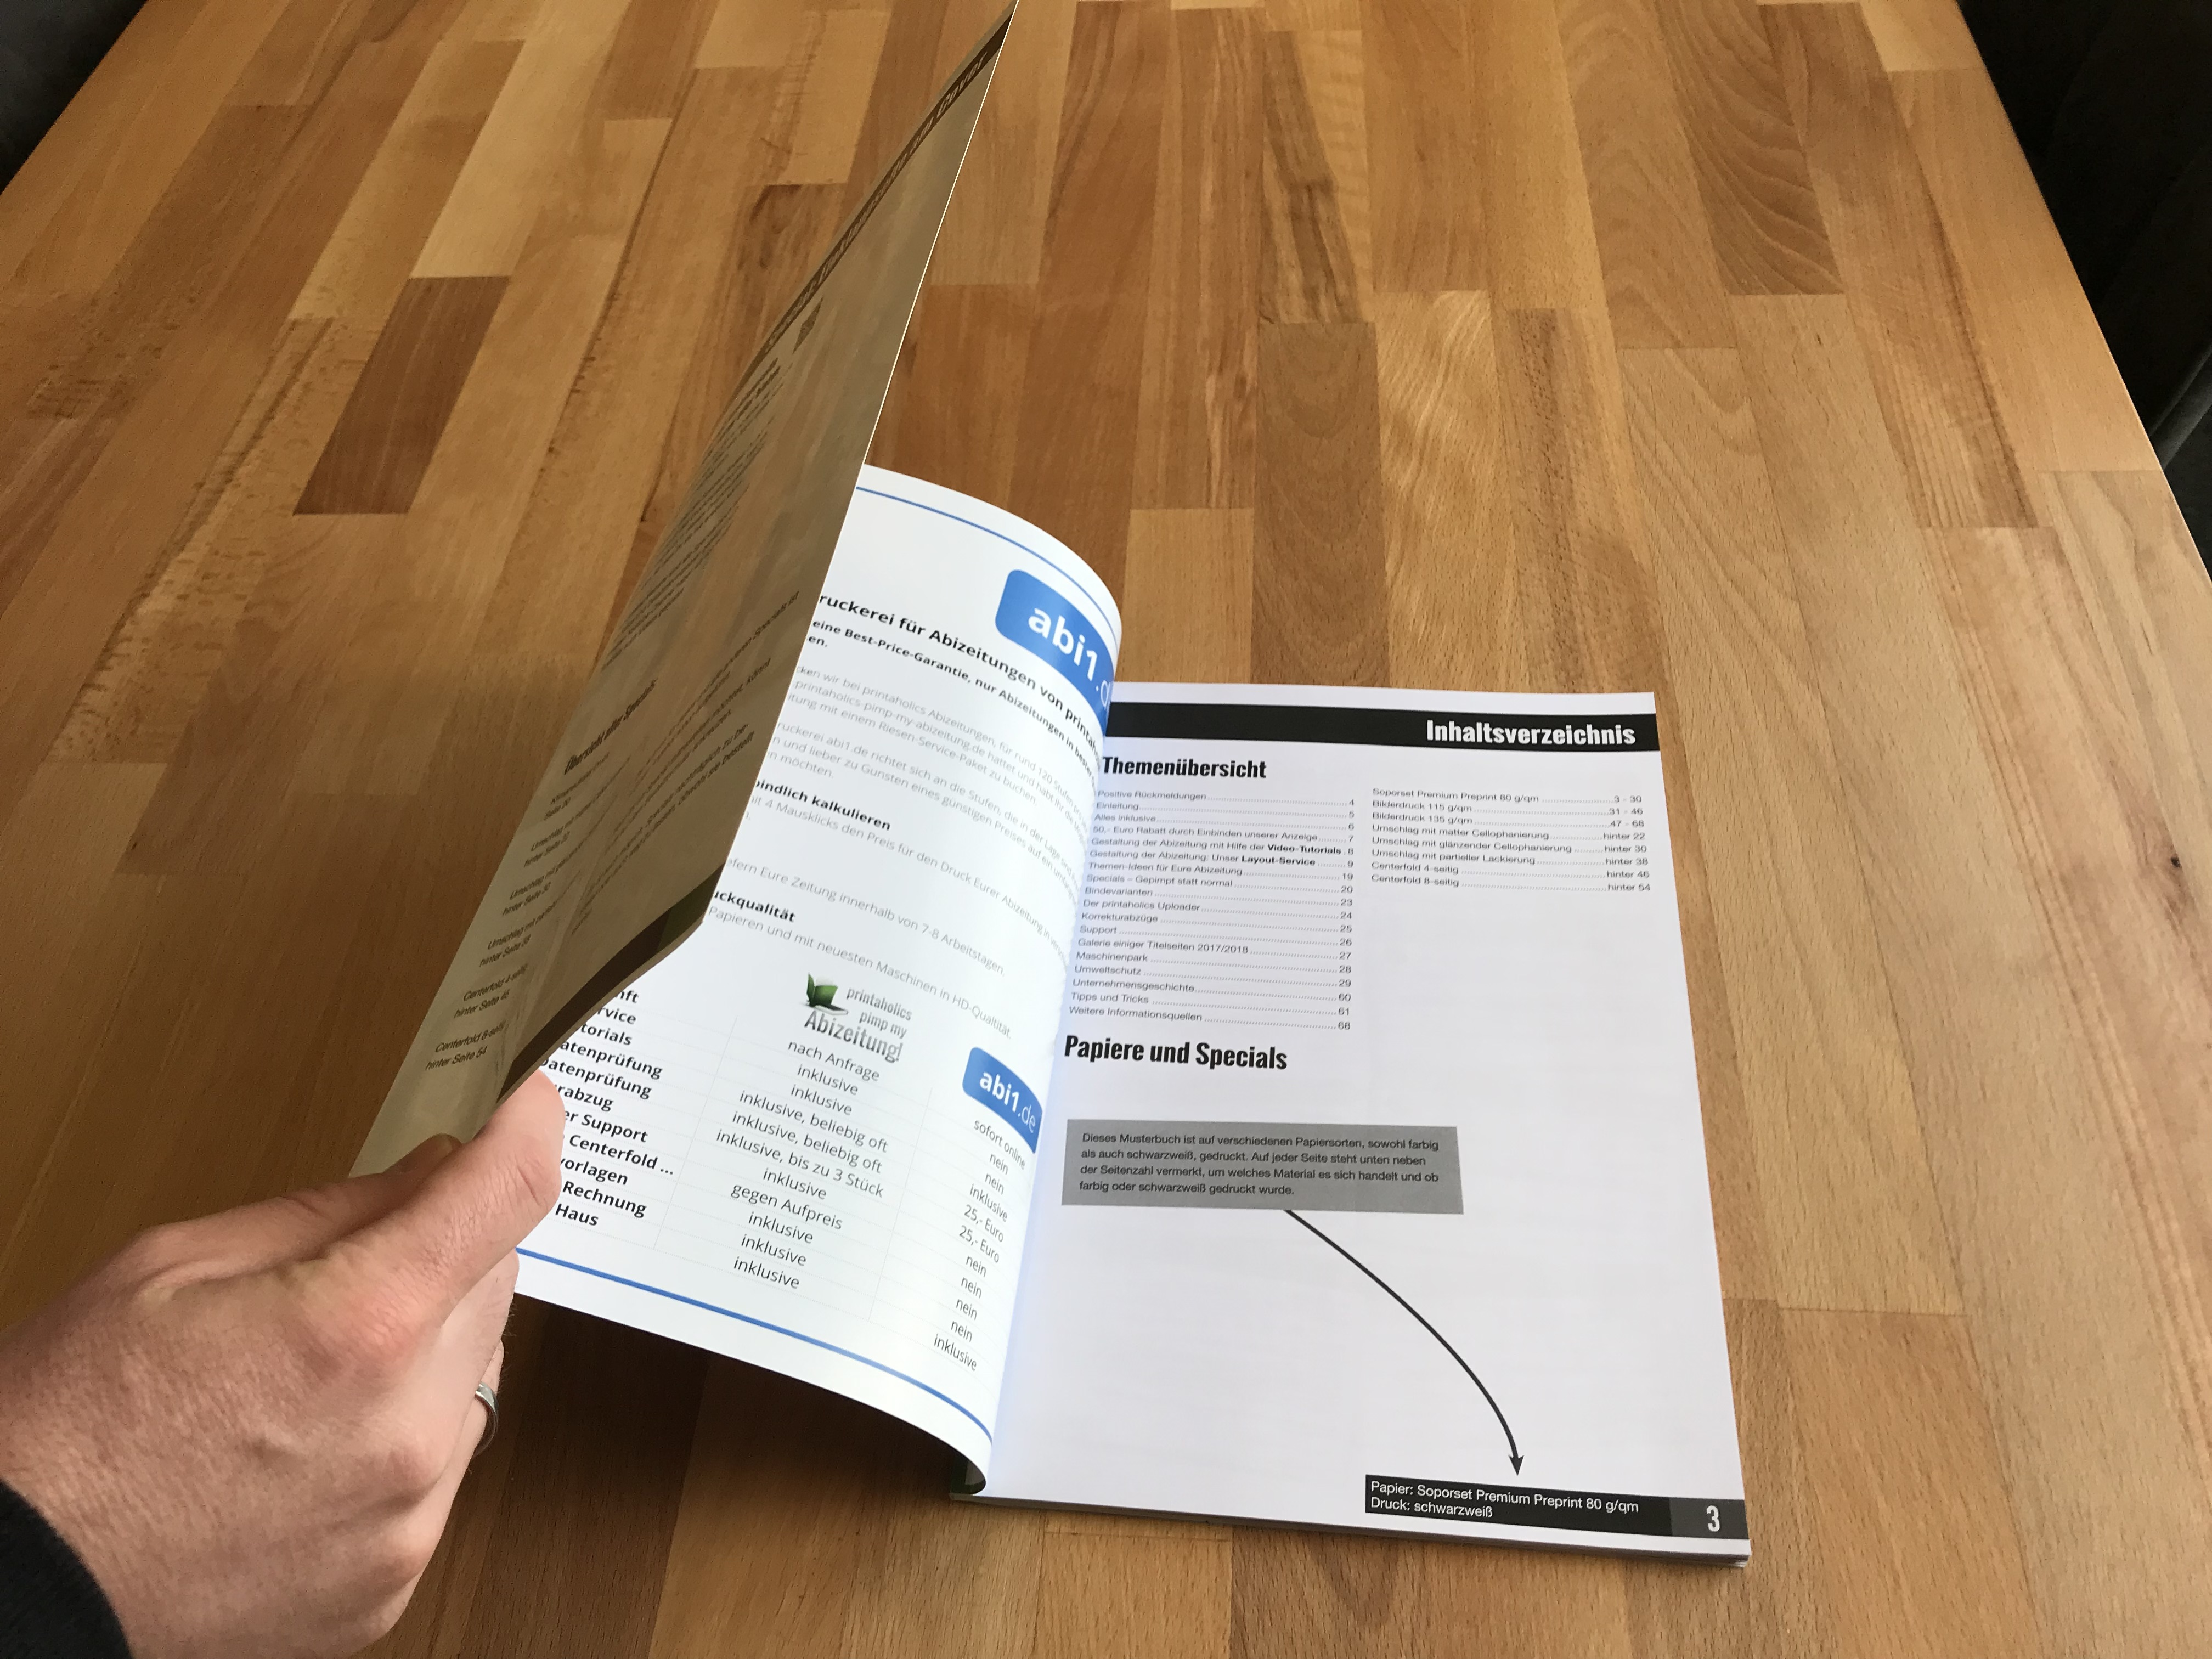 [Translate to Österreich:] Klappcover Umschlag vorne Abizeitung halb aufgeklappt